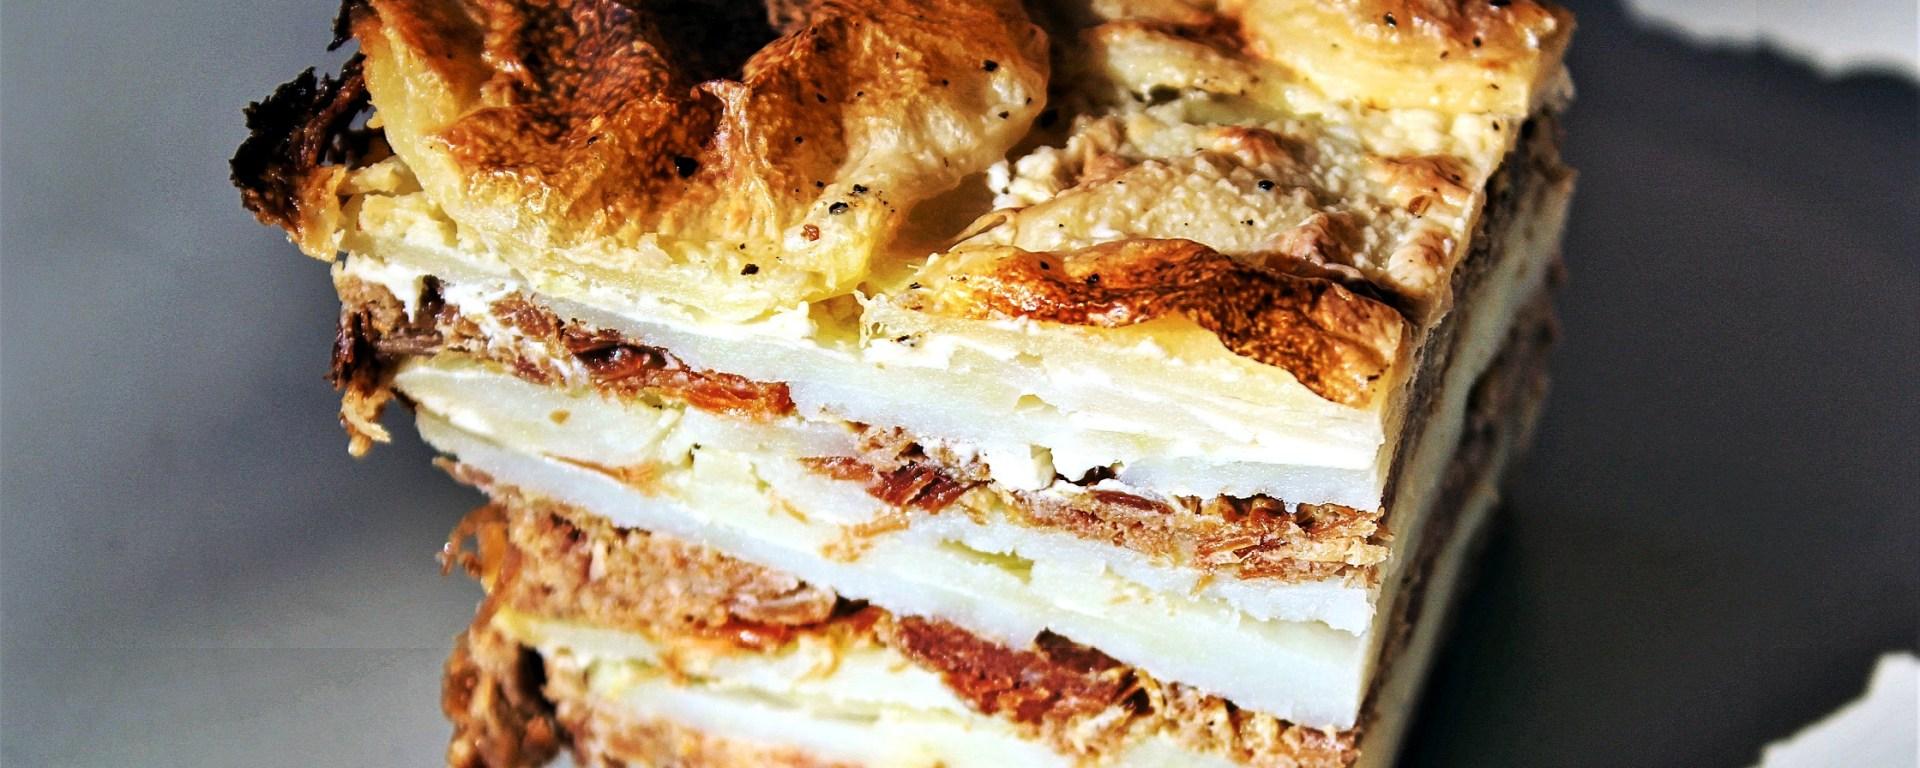 Délicimô ! - Recette Gratin de Pommes de Terre au Canard - www.delicimo.fr